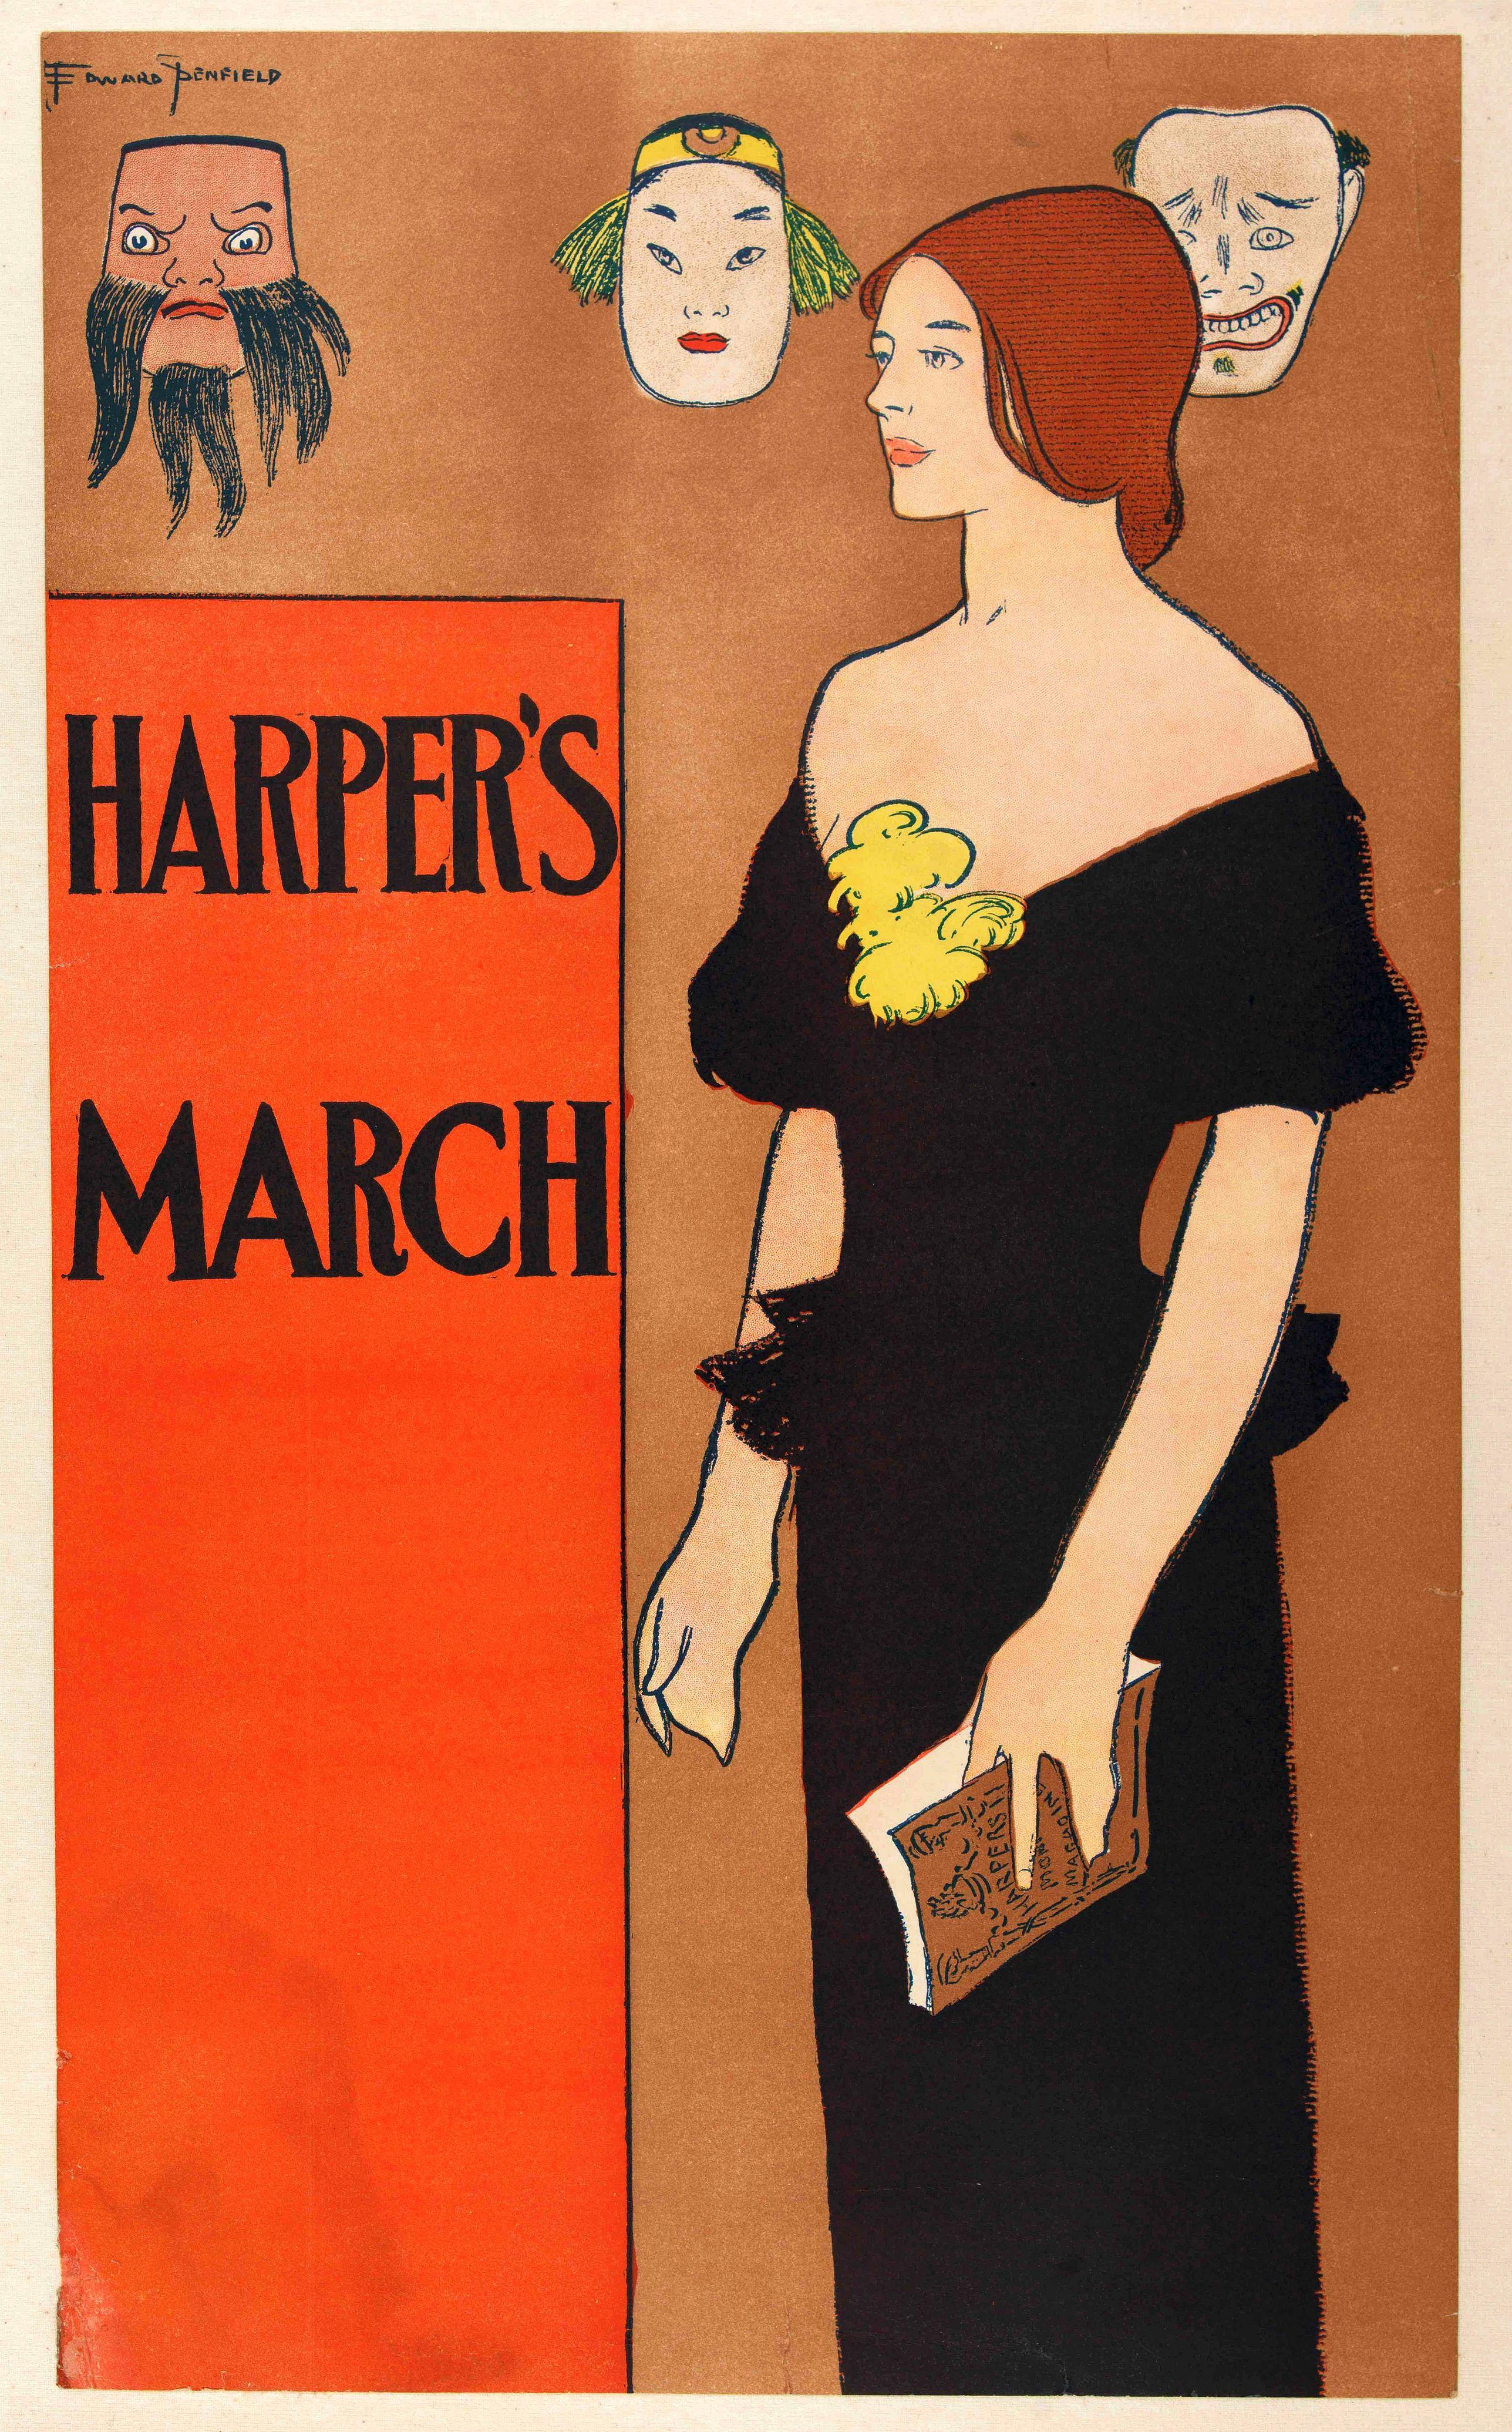 PENFIELD, E. -  Harper's March.